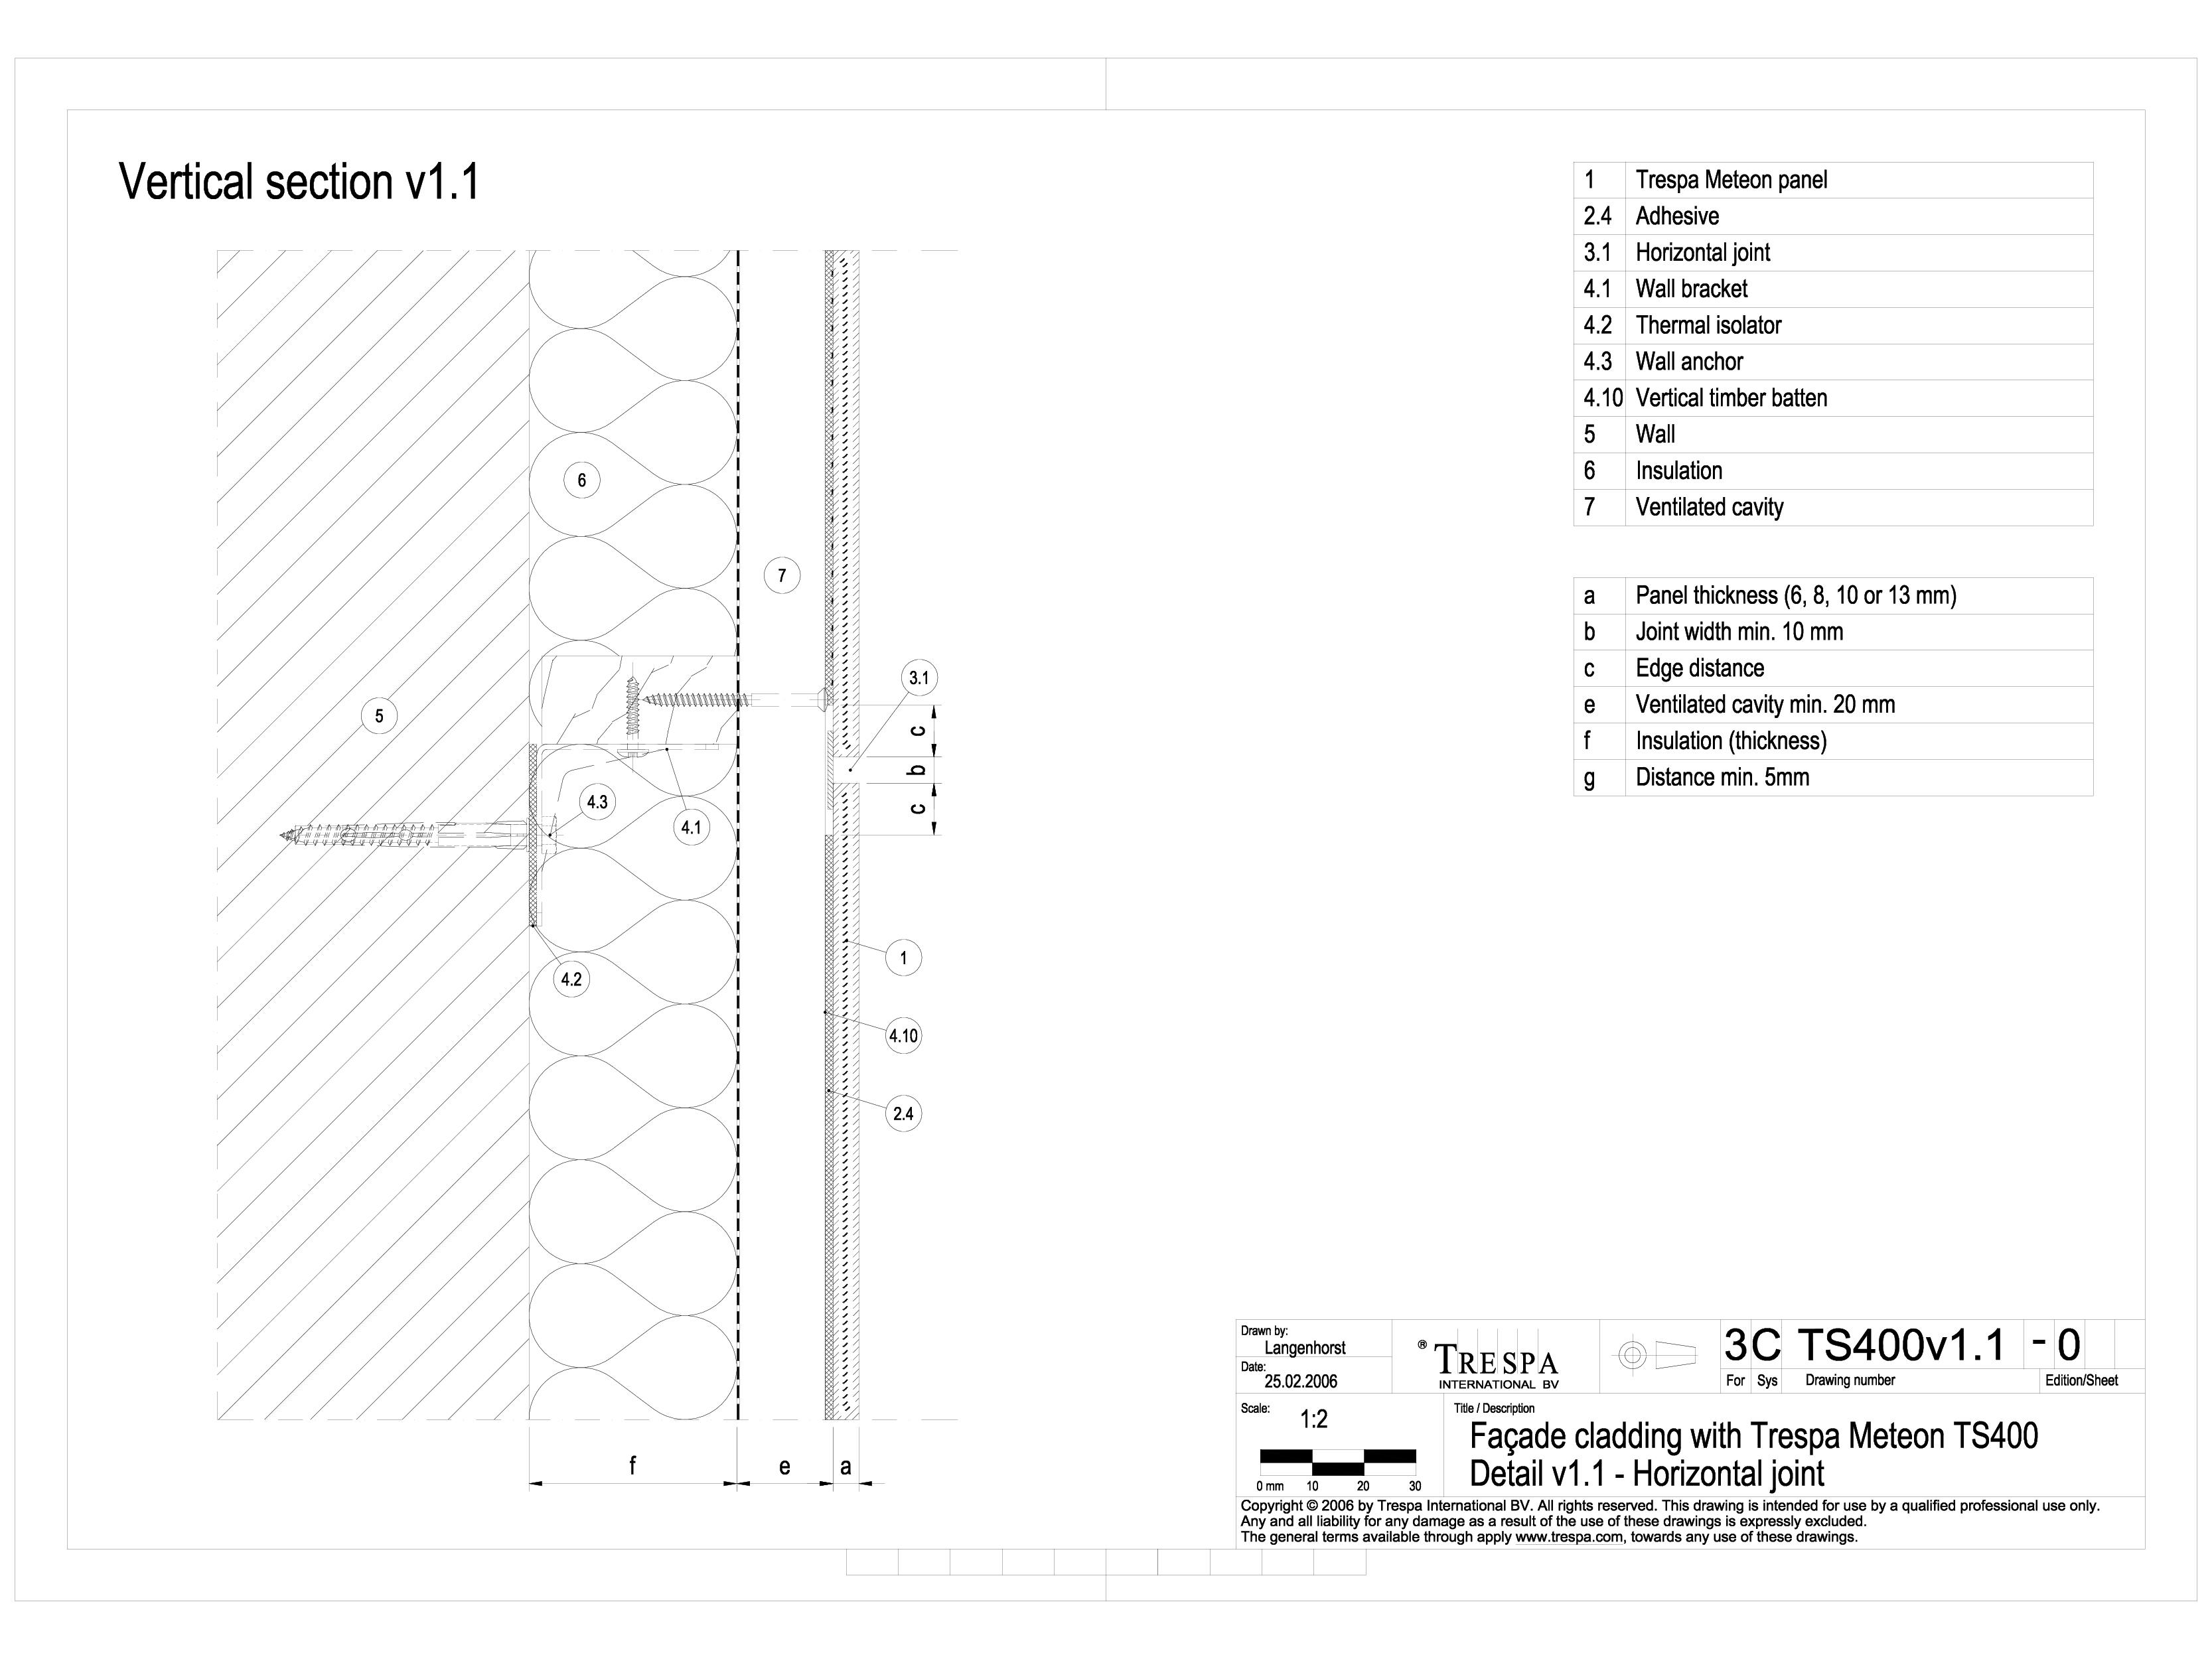 Sisteme de prindere fatade ventilate invizibile cu adeziv si suruburi, detaliu de imbinare pe orizontala METEON TRESPA Placi HPL pentru fatade ventilate GIBB TECHNOLOGIES  - Pagina 1